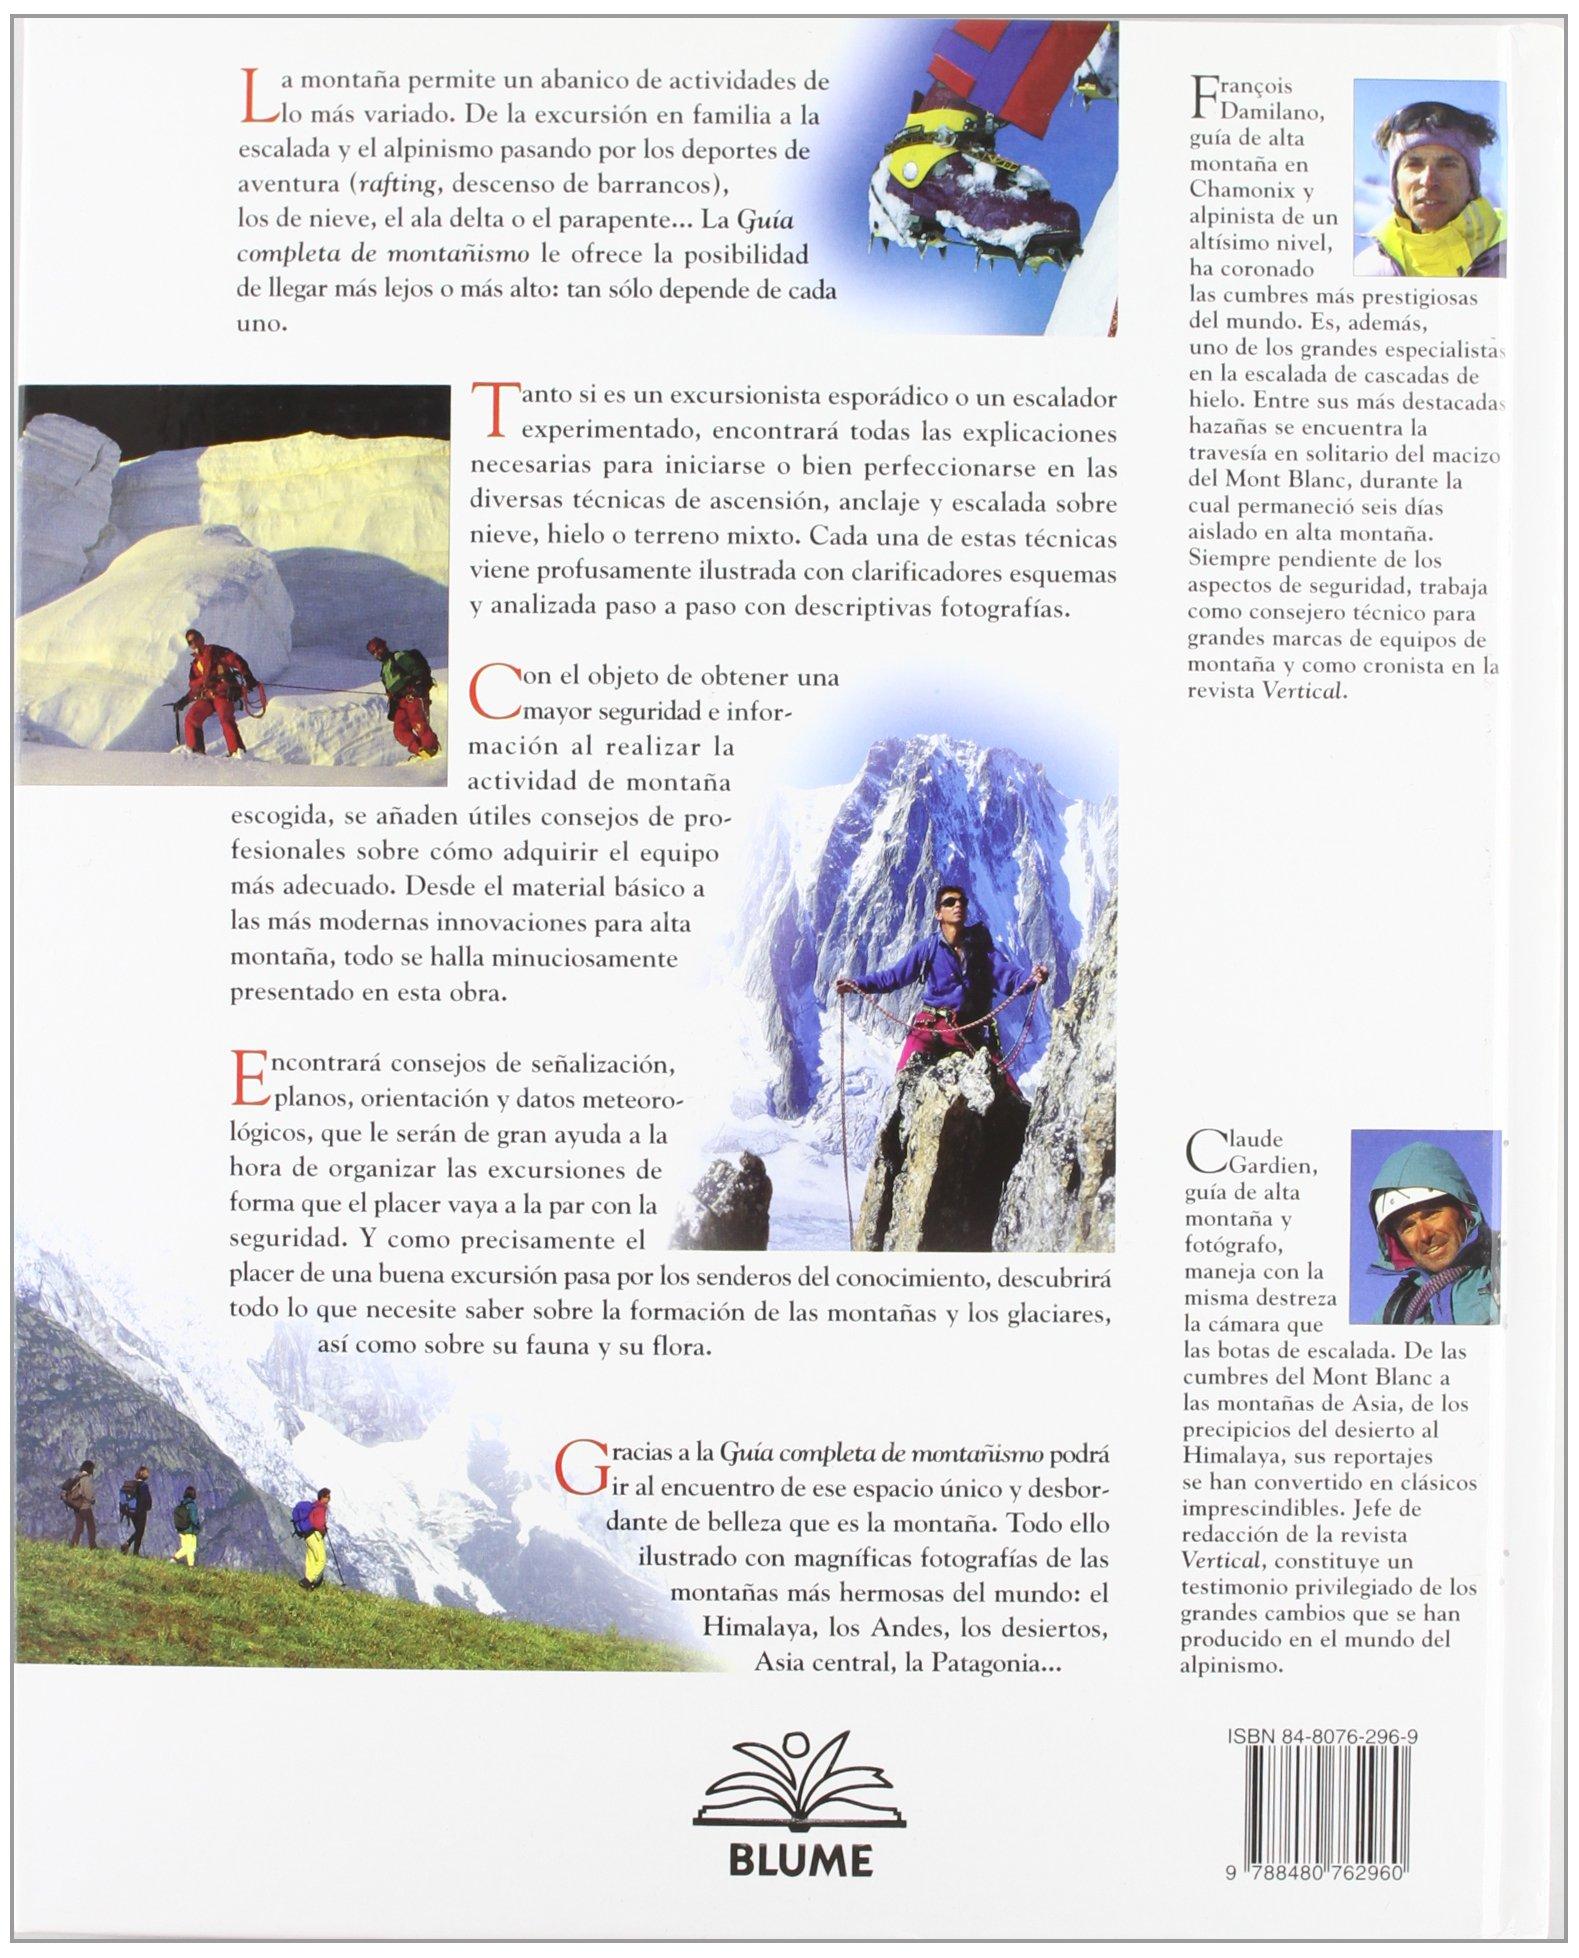 Guia completa de montañismo: Amazon.es: Damiliano, Francois ...